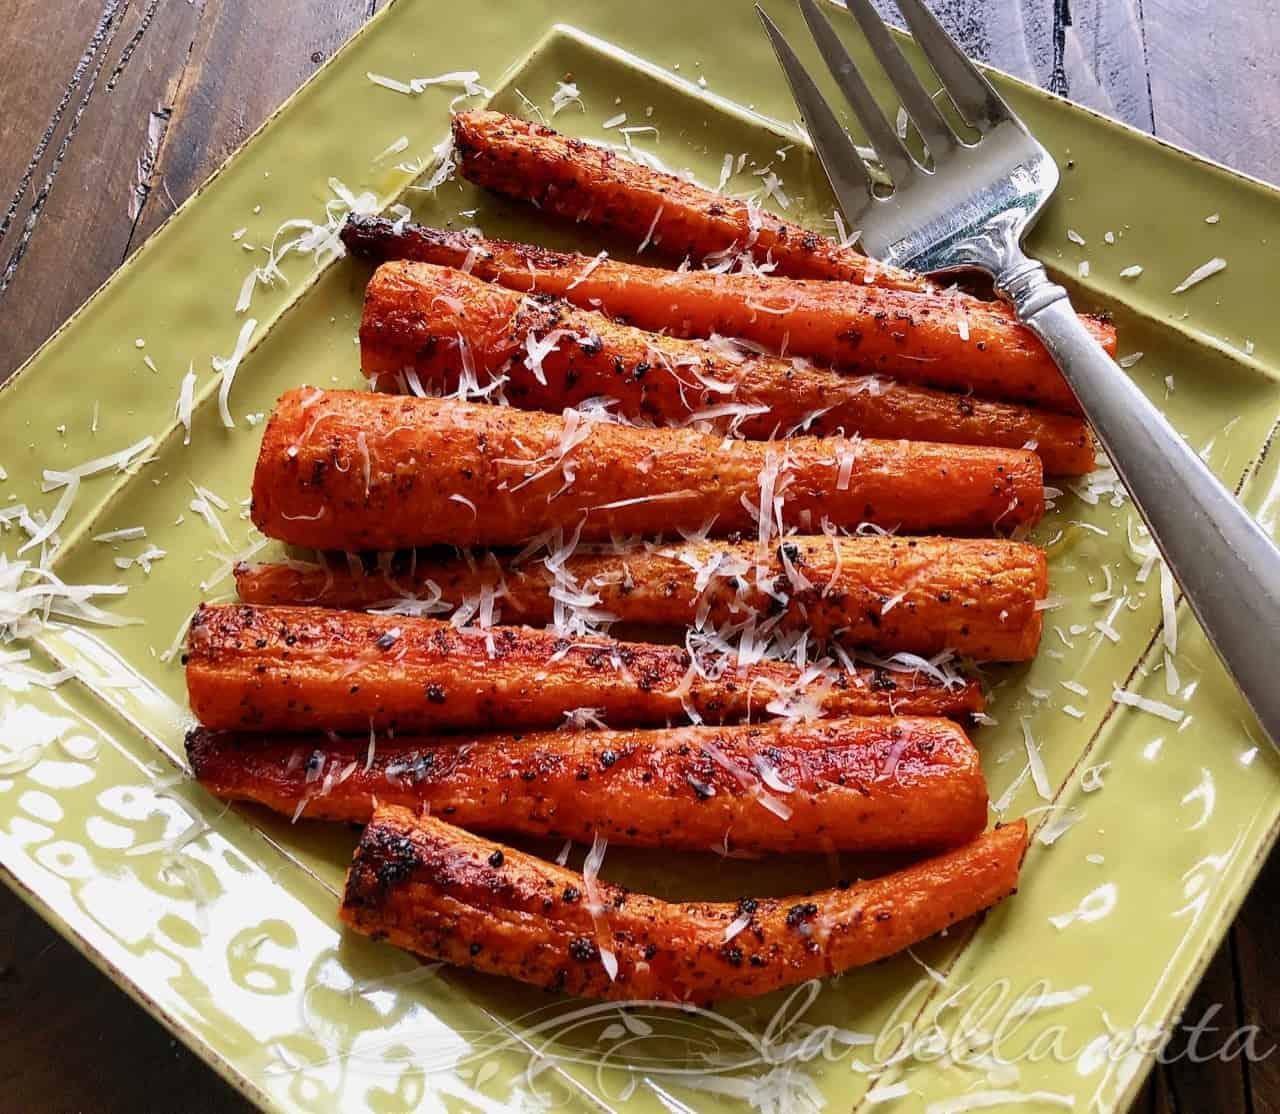 Roasted Parmesan Garlic Carrots